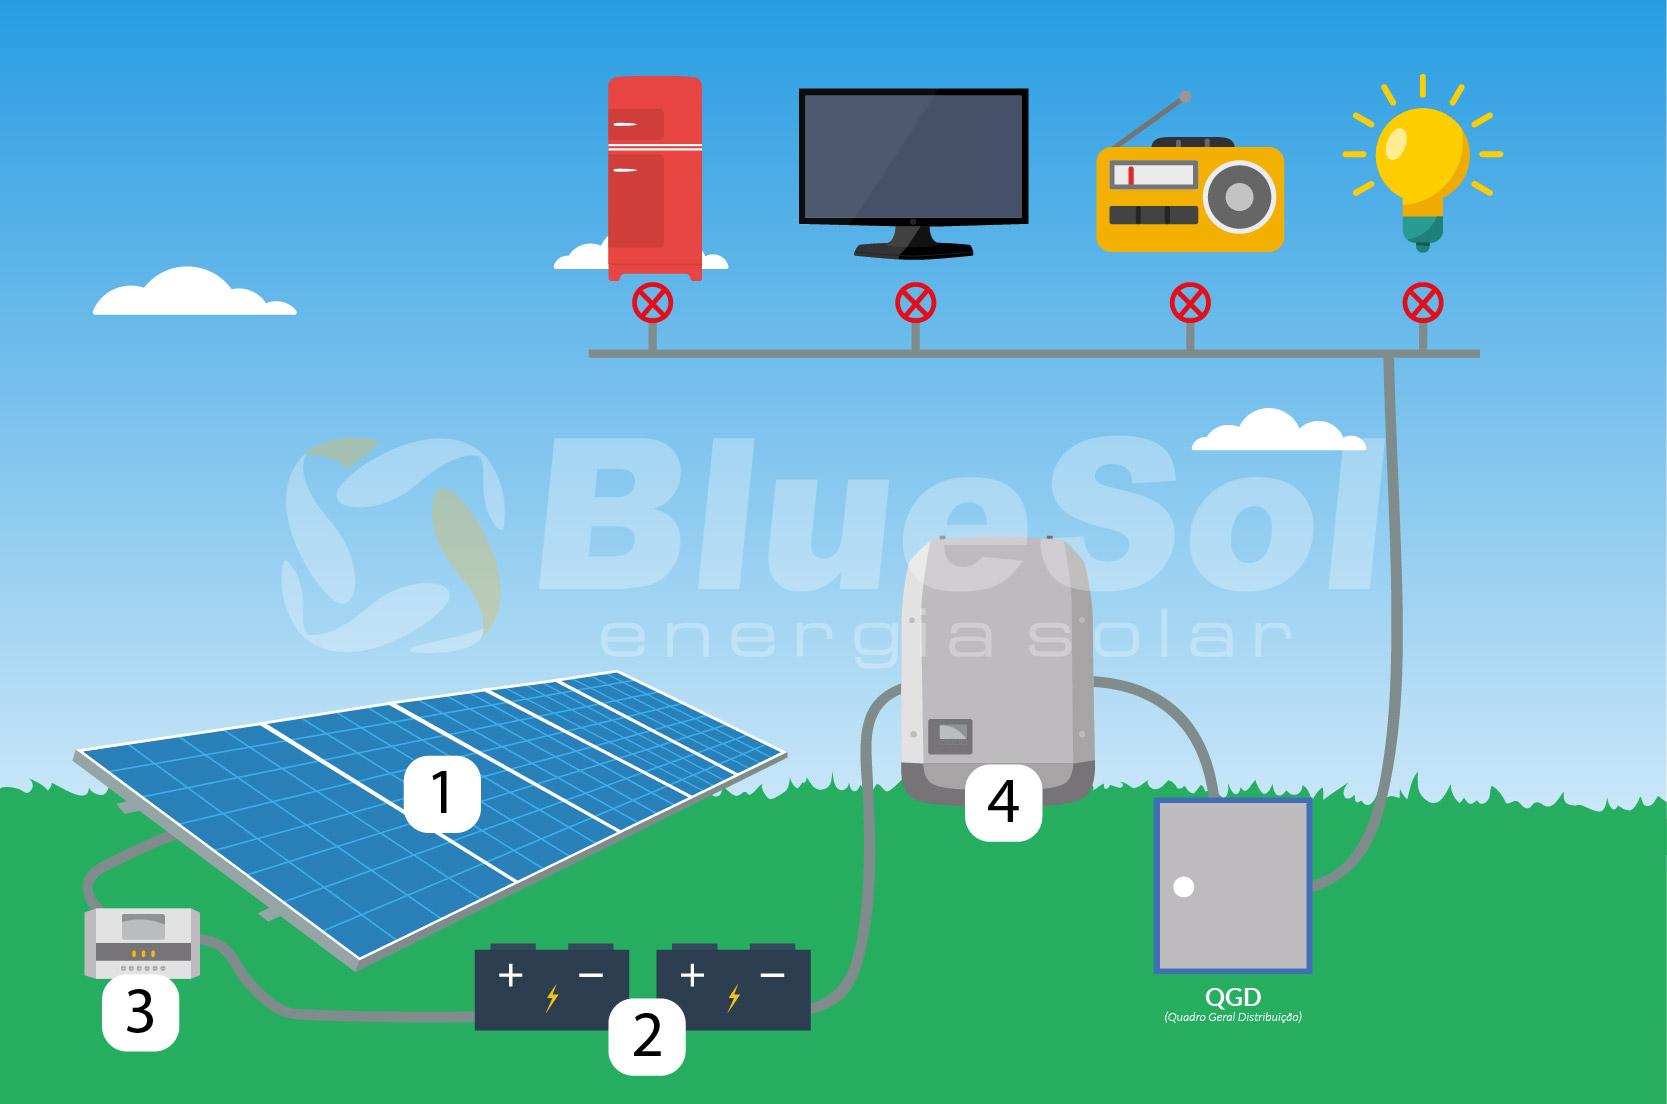 Energia solar fotovoltaica _ componentes principais de um sistema fotovoltaico